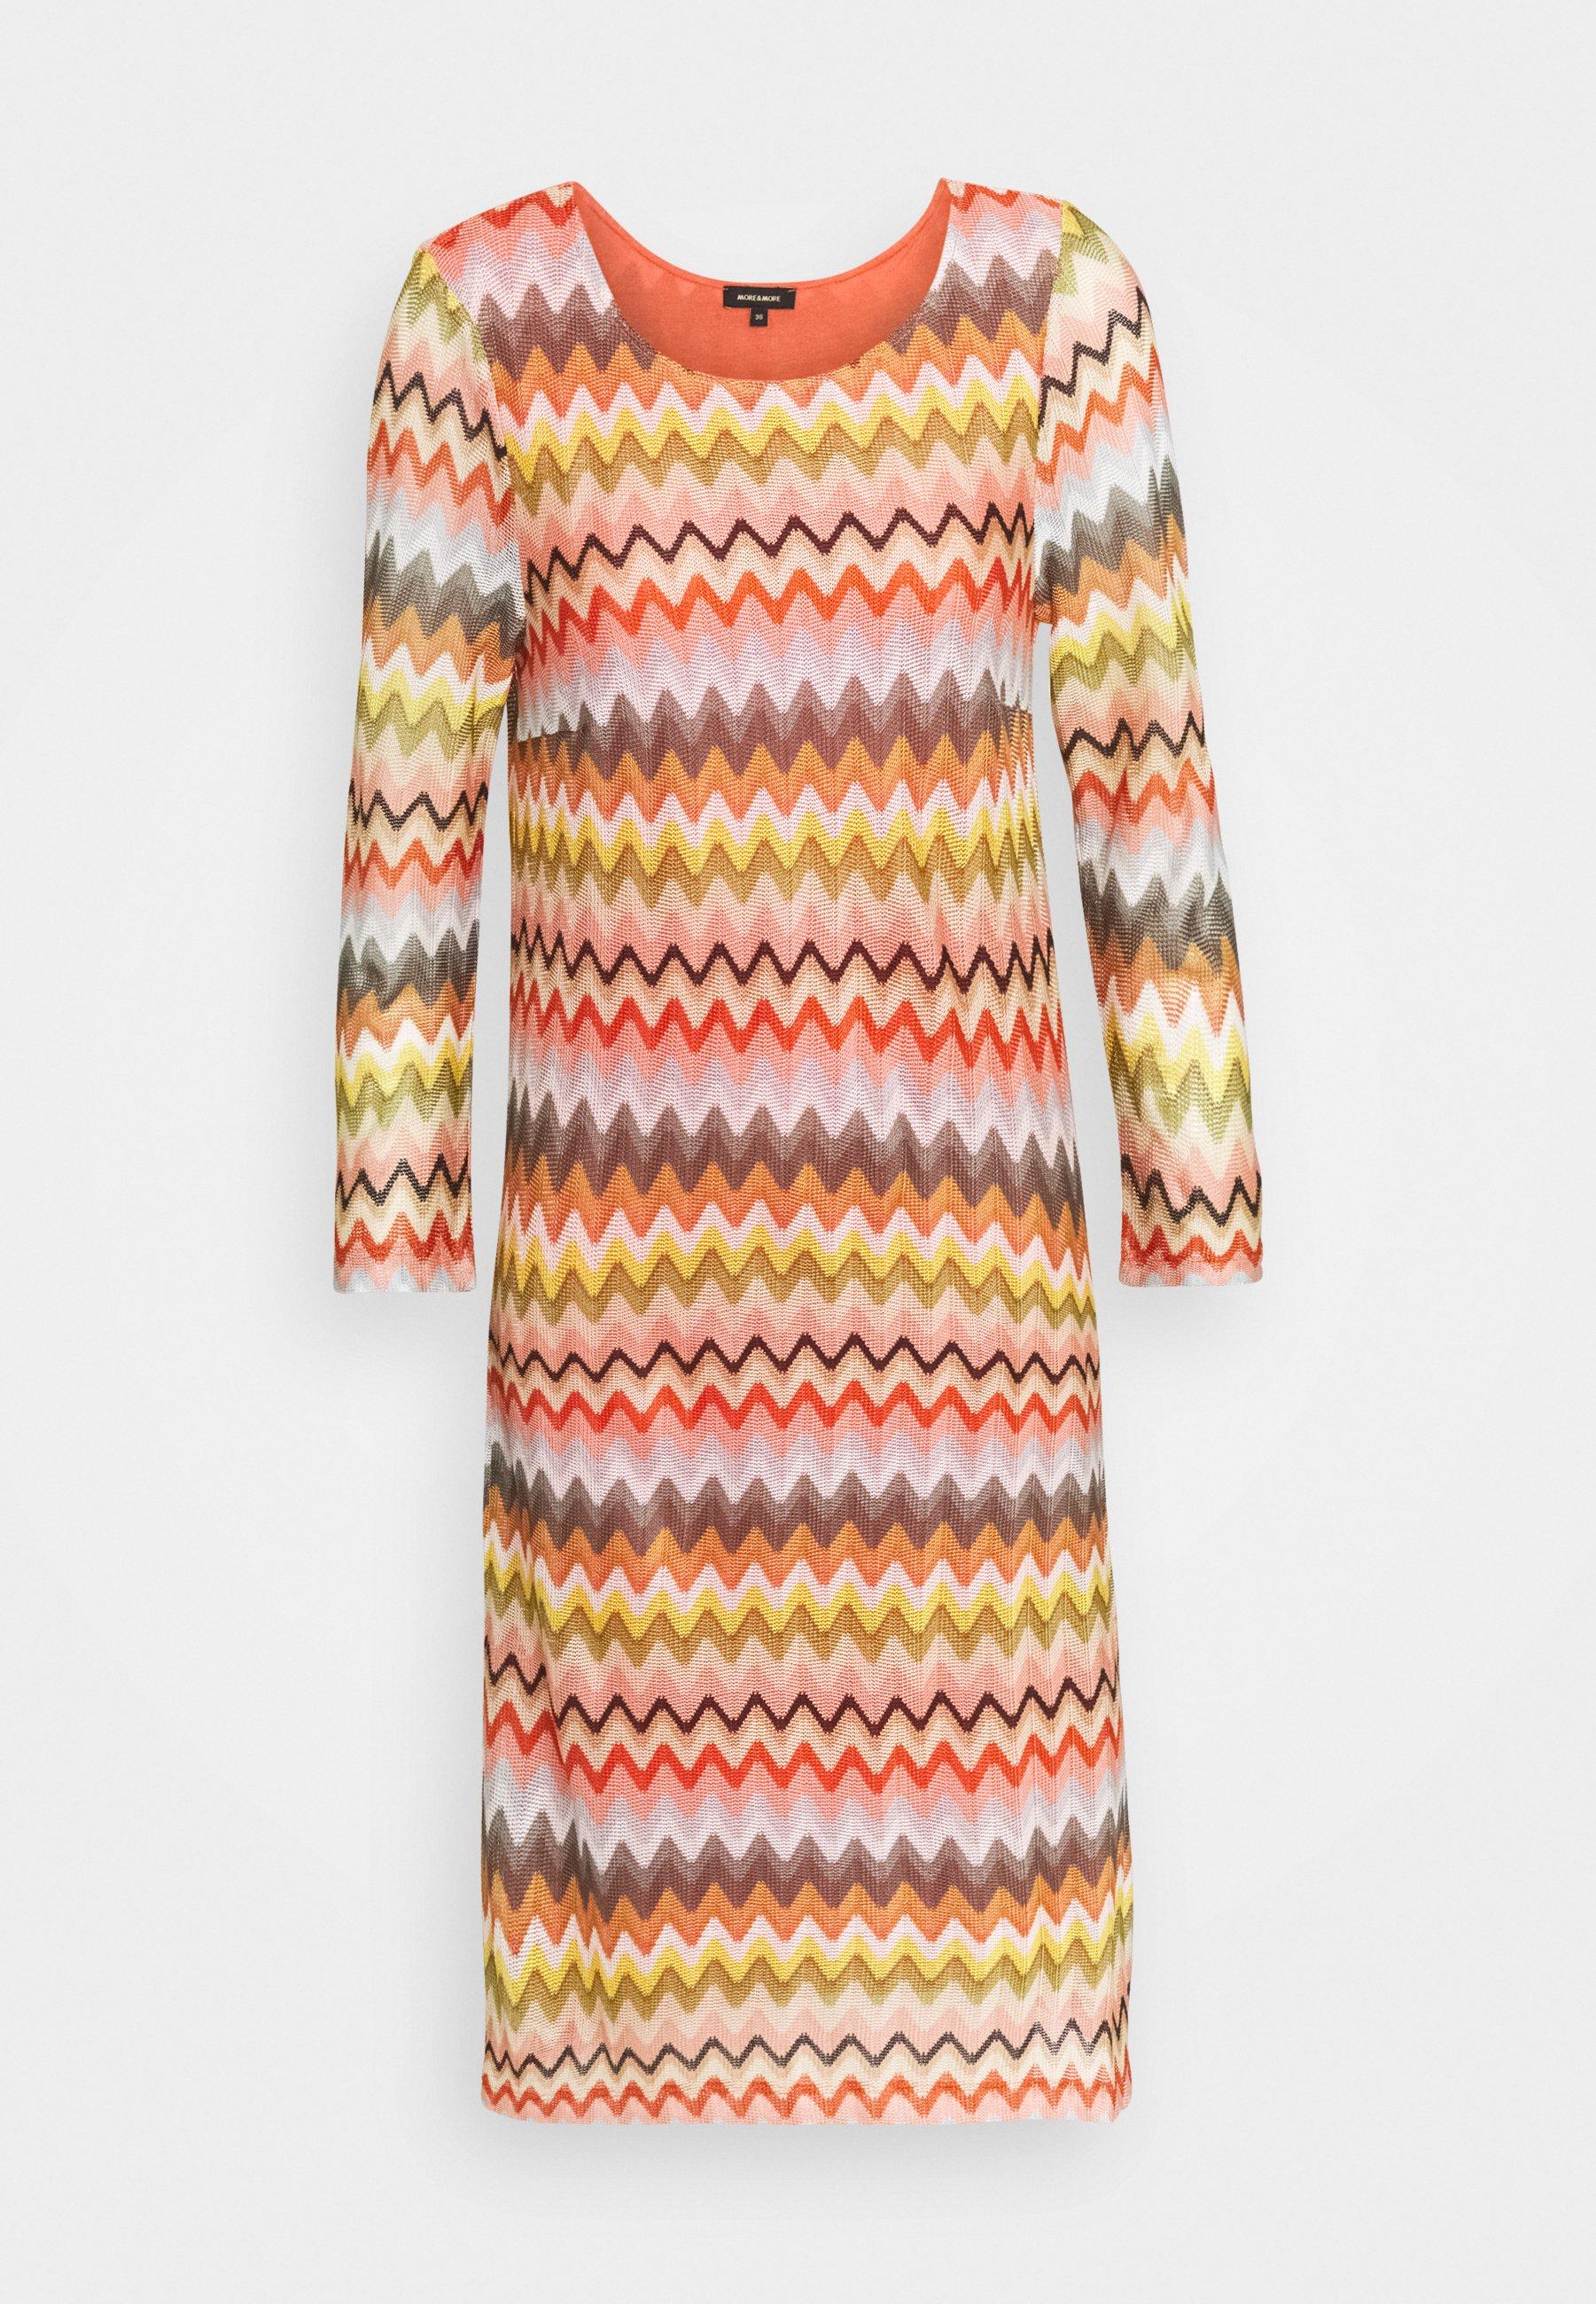 ZICKZACK DRESS   Day dress   offwhite/multi